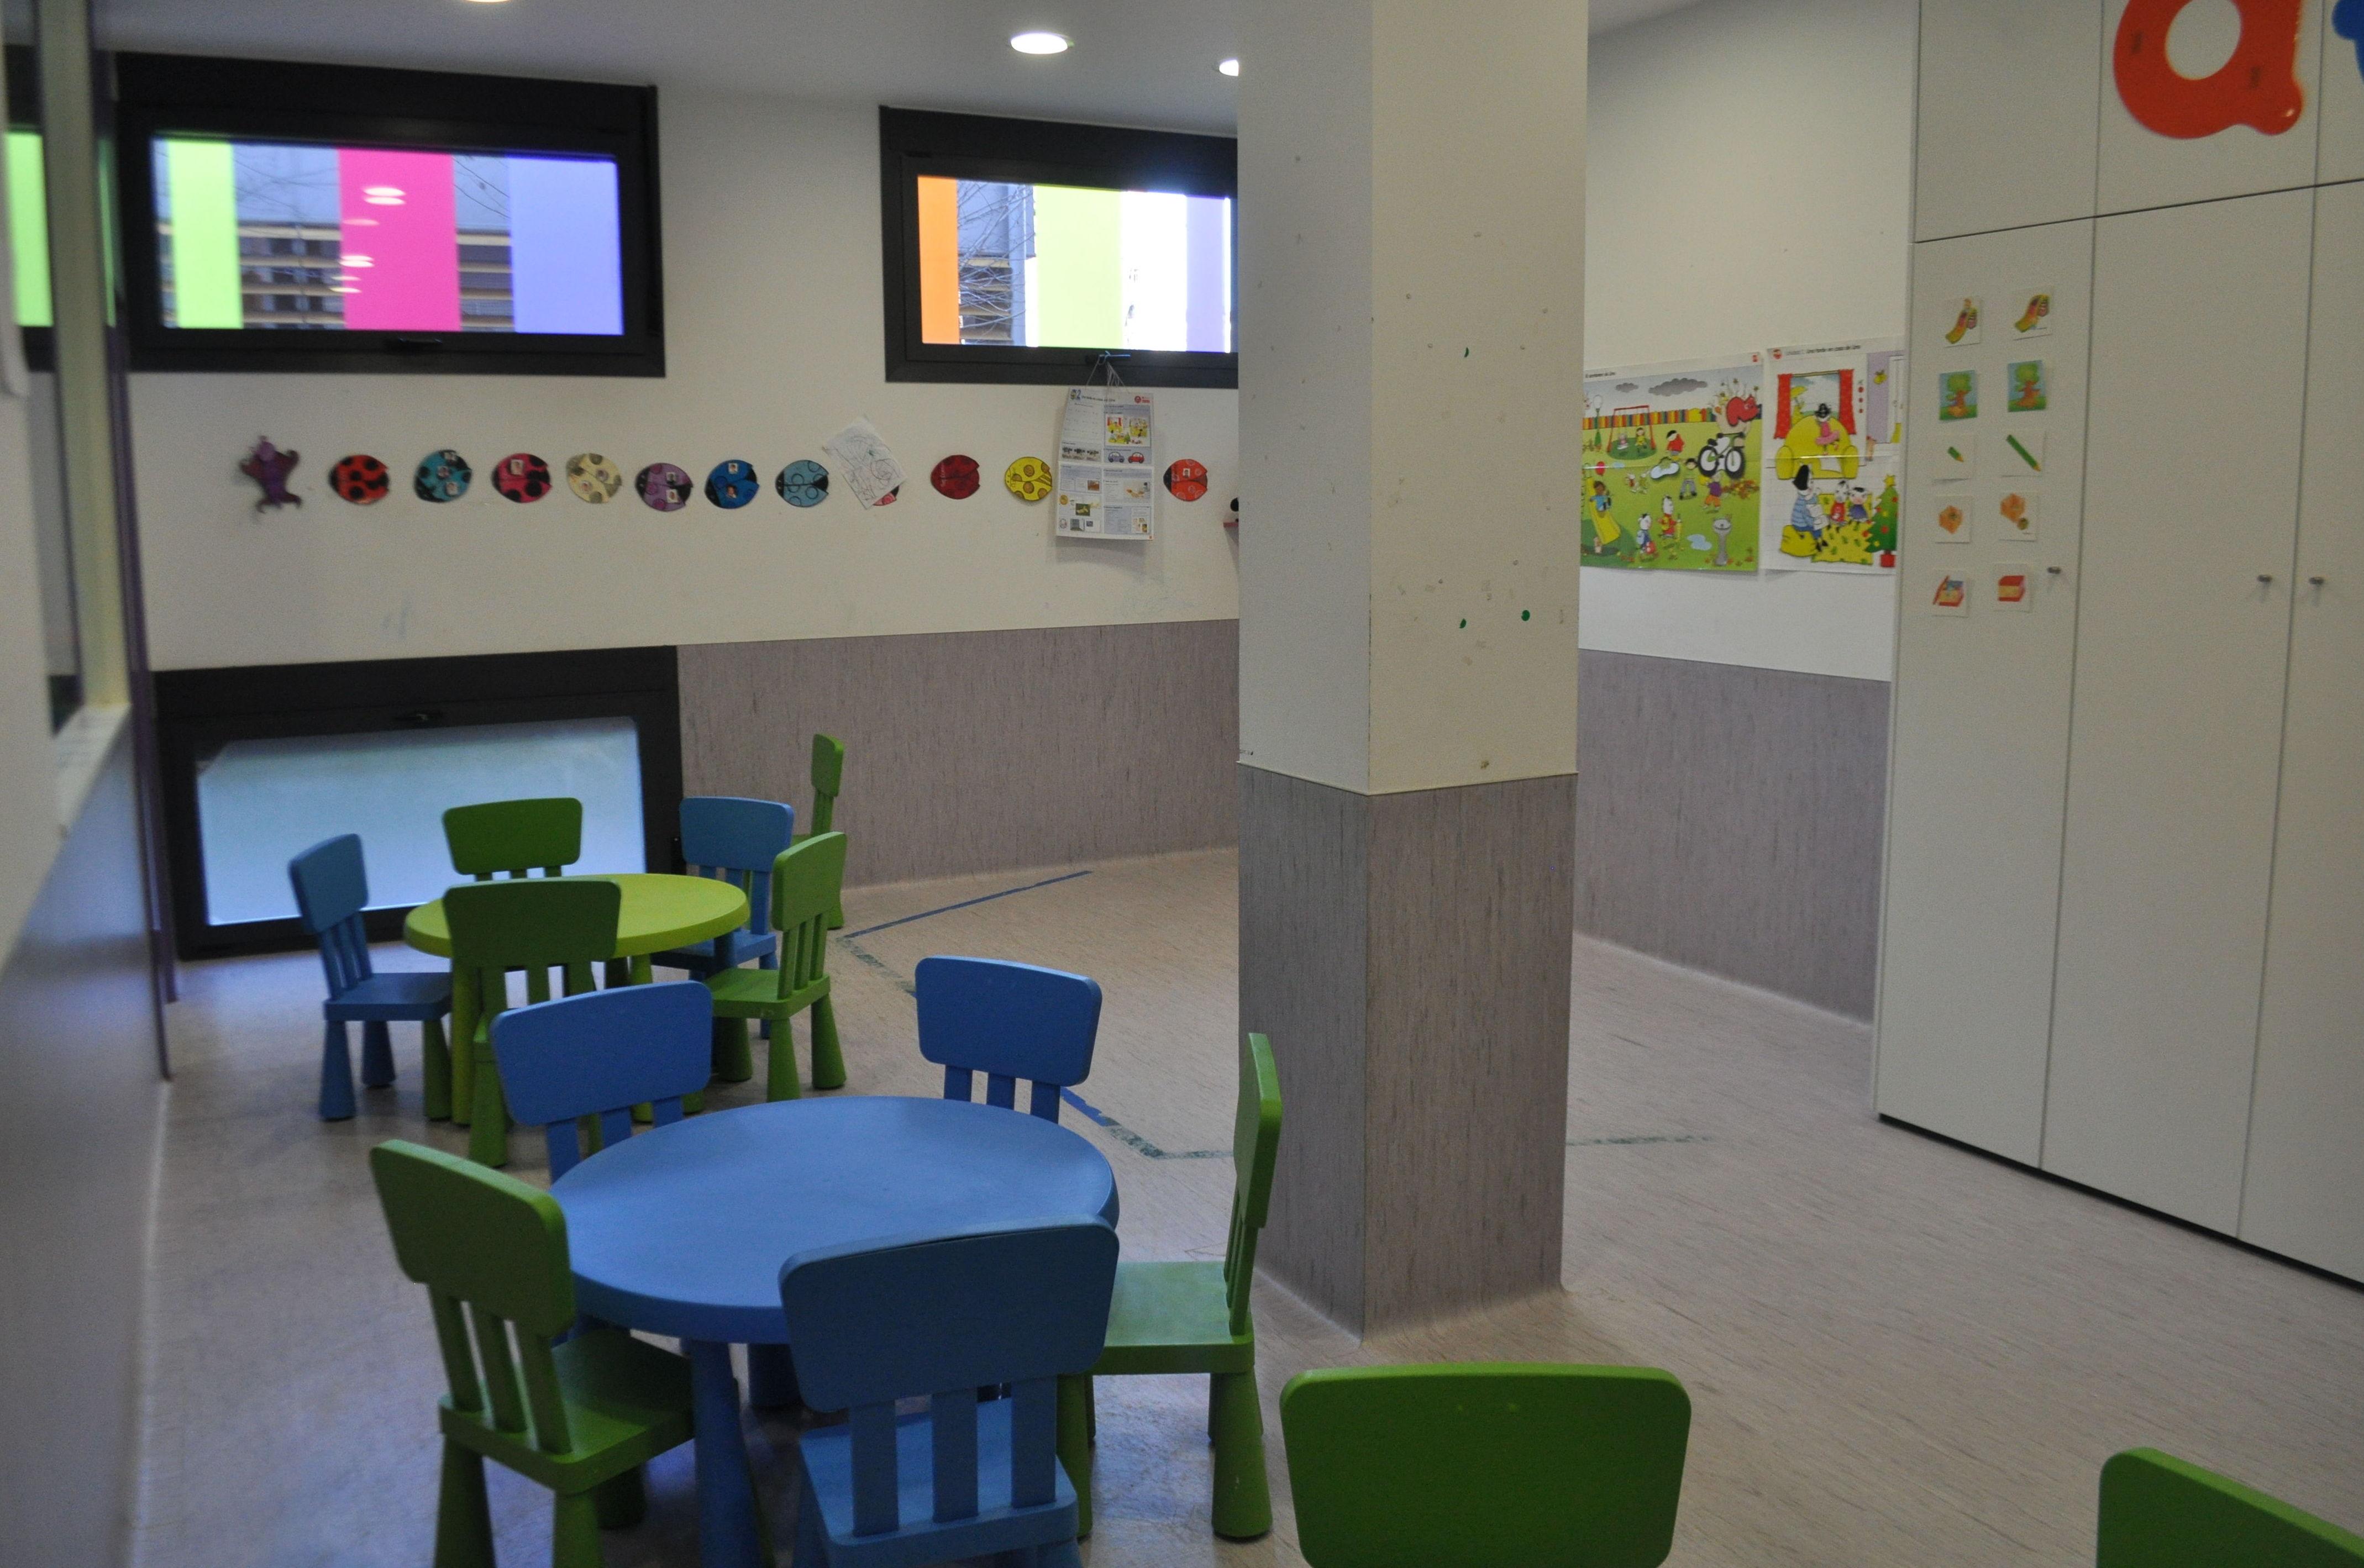 Foto 19 de Guarderías y Escuelas infantiles en Pamplona | Baby School